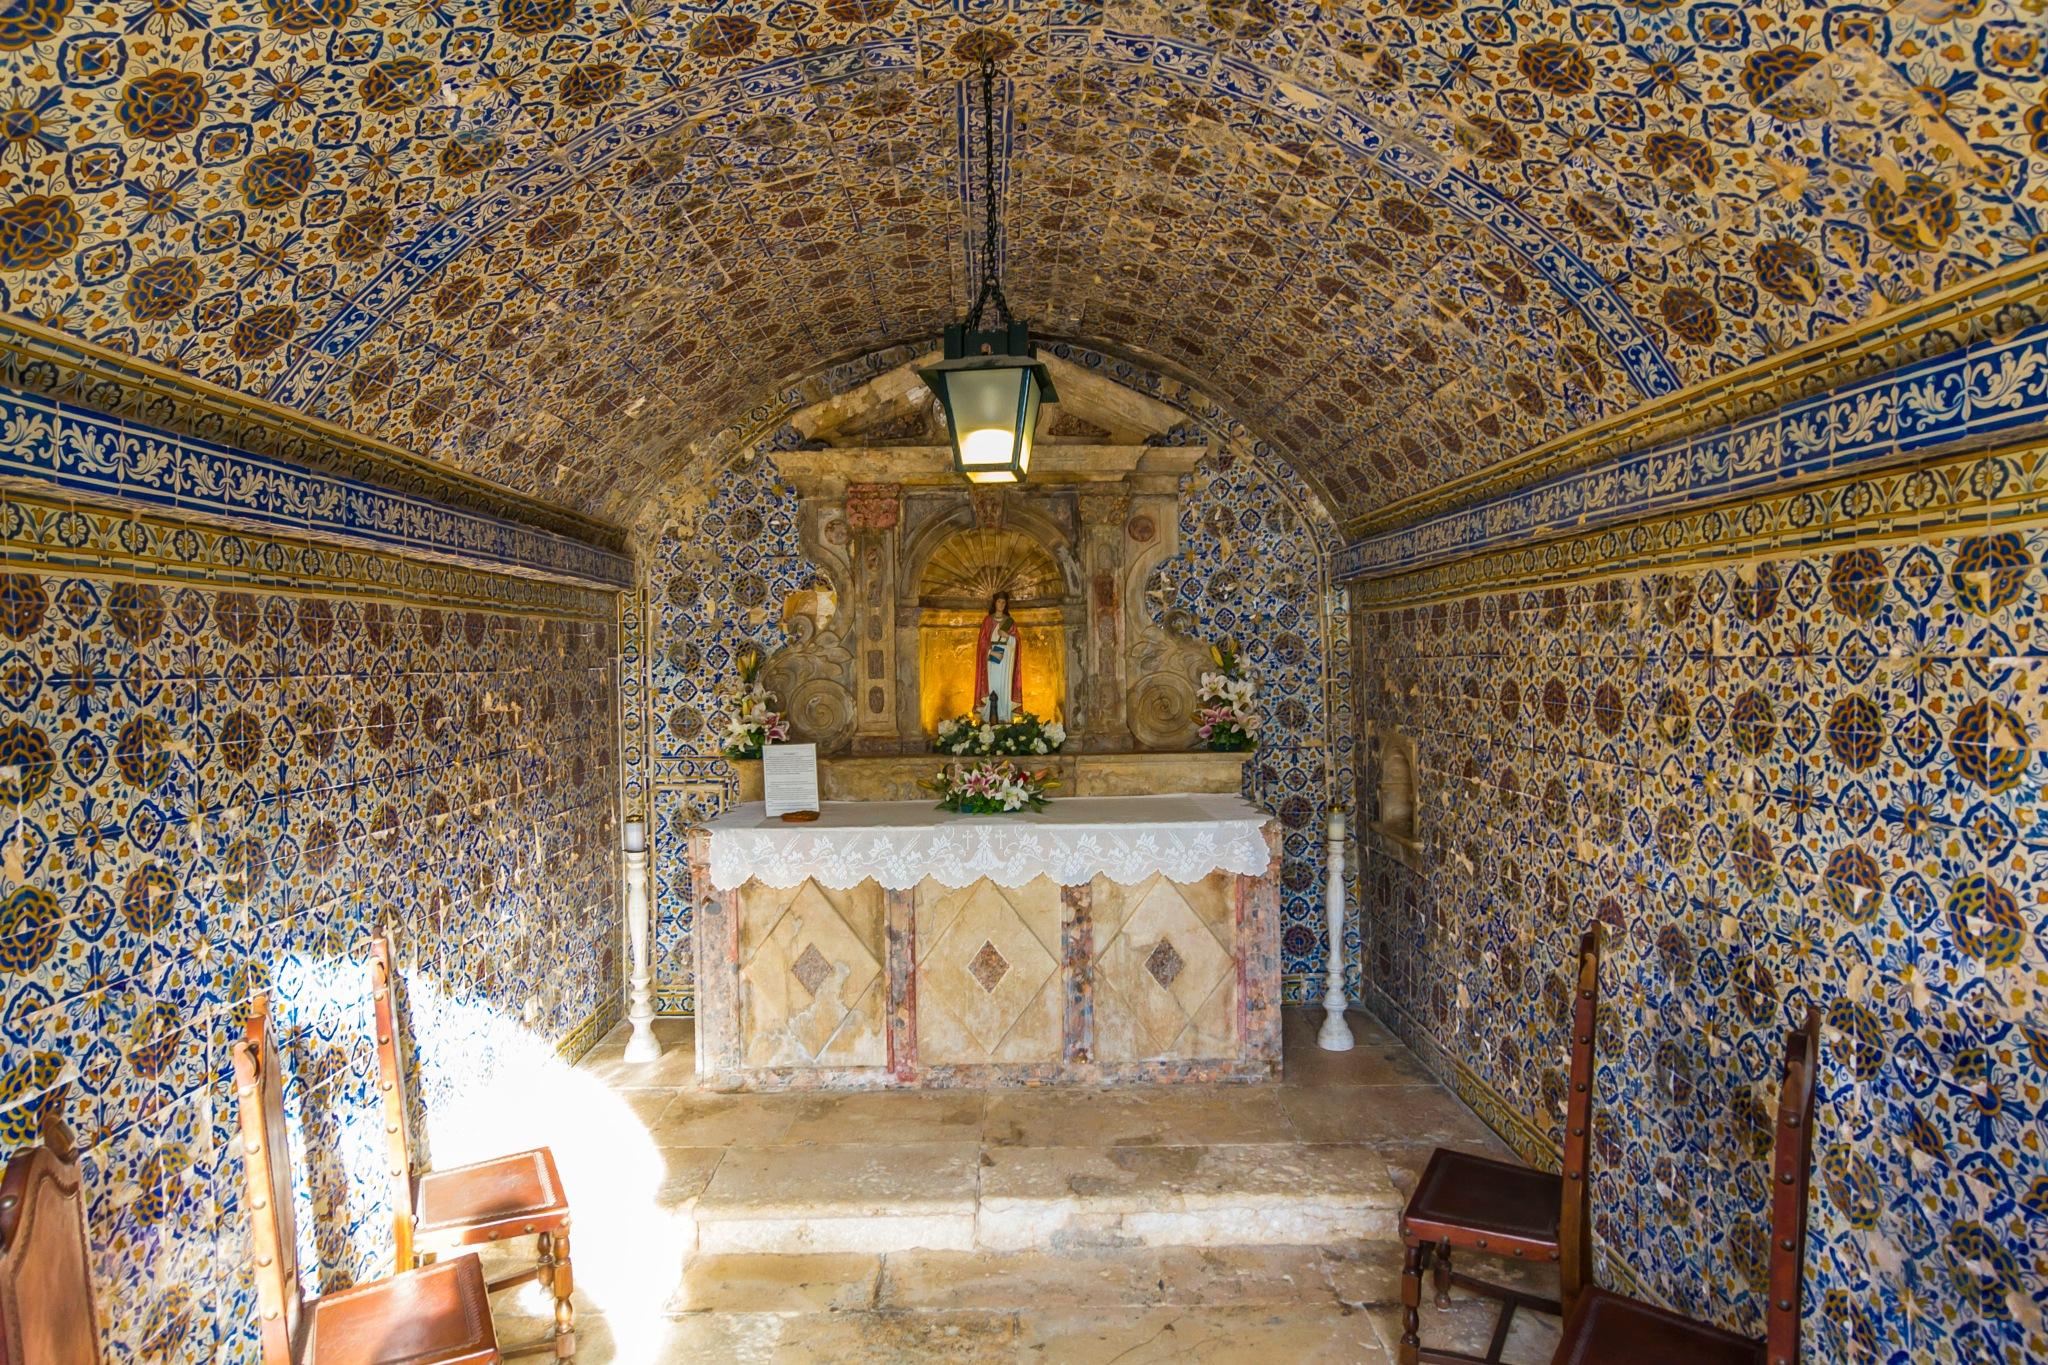 Capela em azulejos by Jose Simoes